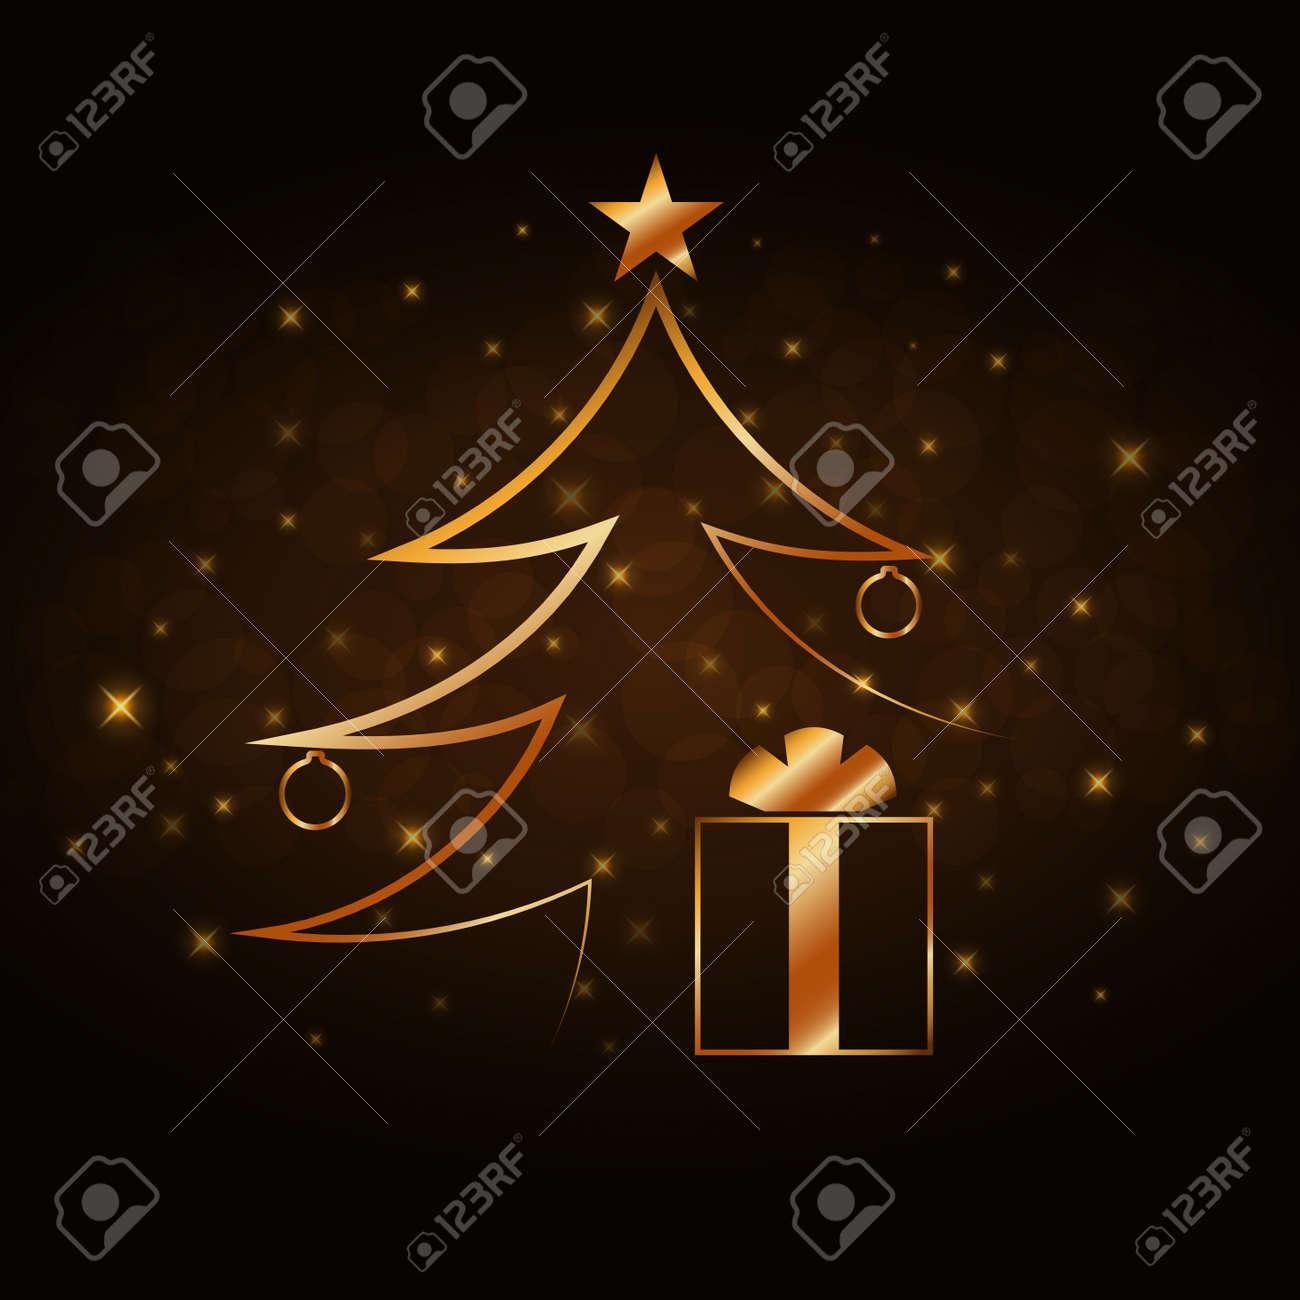 Feierhintergrund Der Frohen Weihnachten, Goldweihnachtsbaum ...